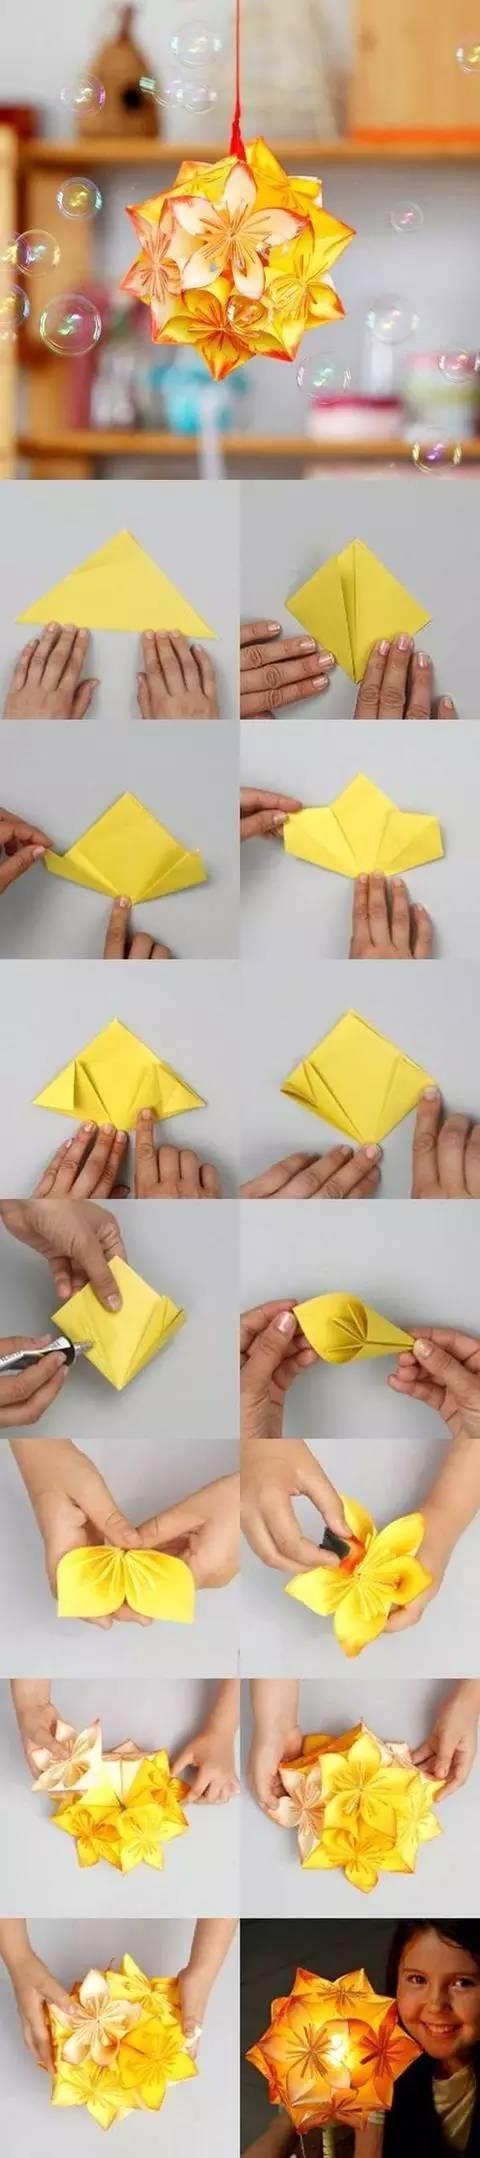 折纸教程大全图解步骤